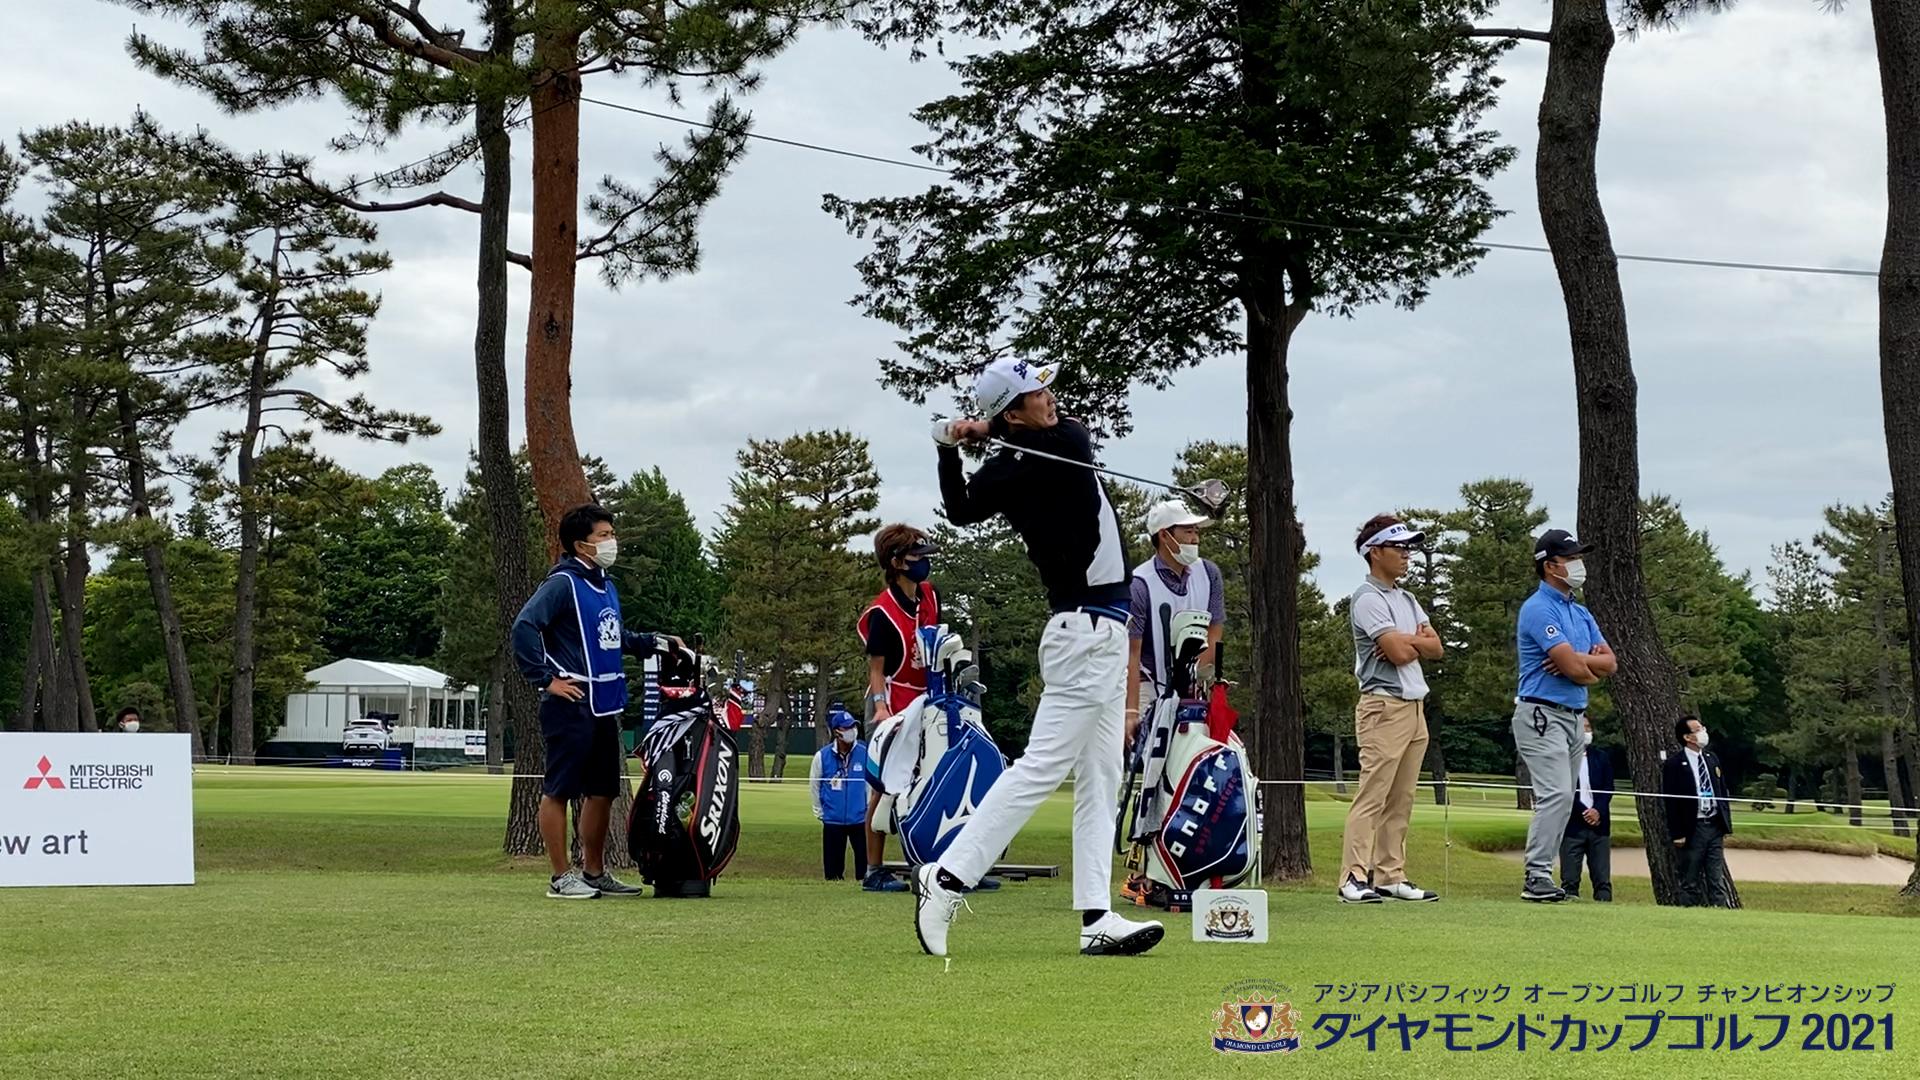 【男子ゴルフ】時松隆光、浅地洋佑、星野陸也、最終日最終組のスタートホールティショット!アジアパシフィックダイヤモンドカップゴルフ Final Round